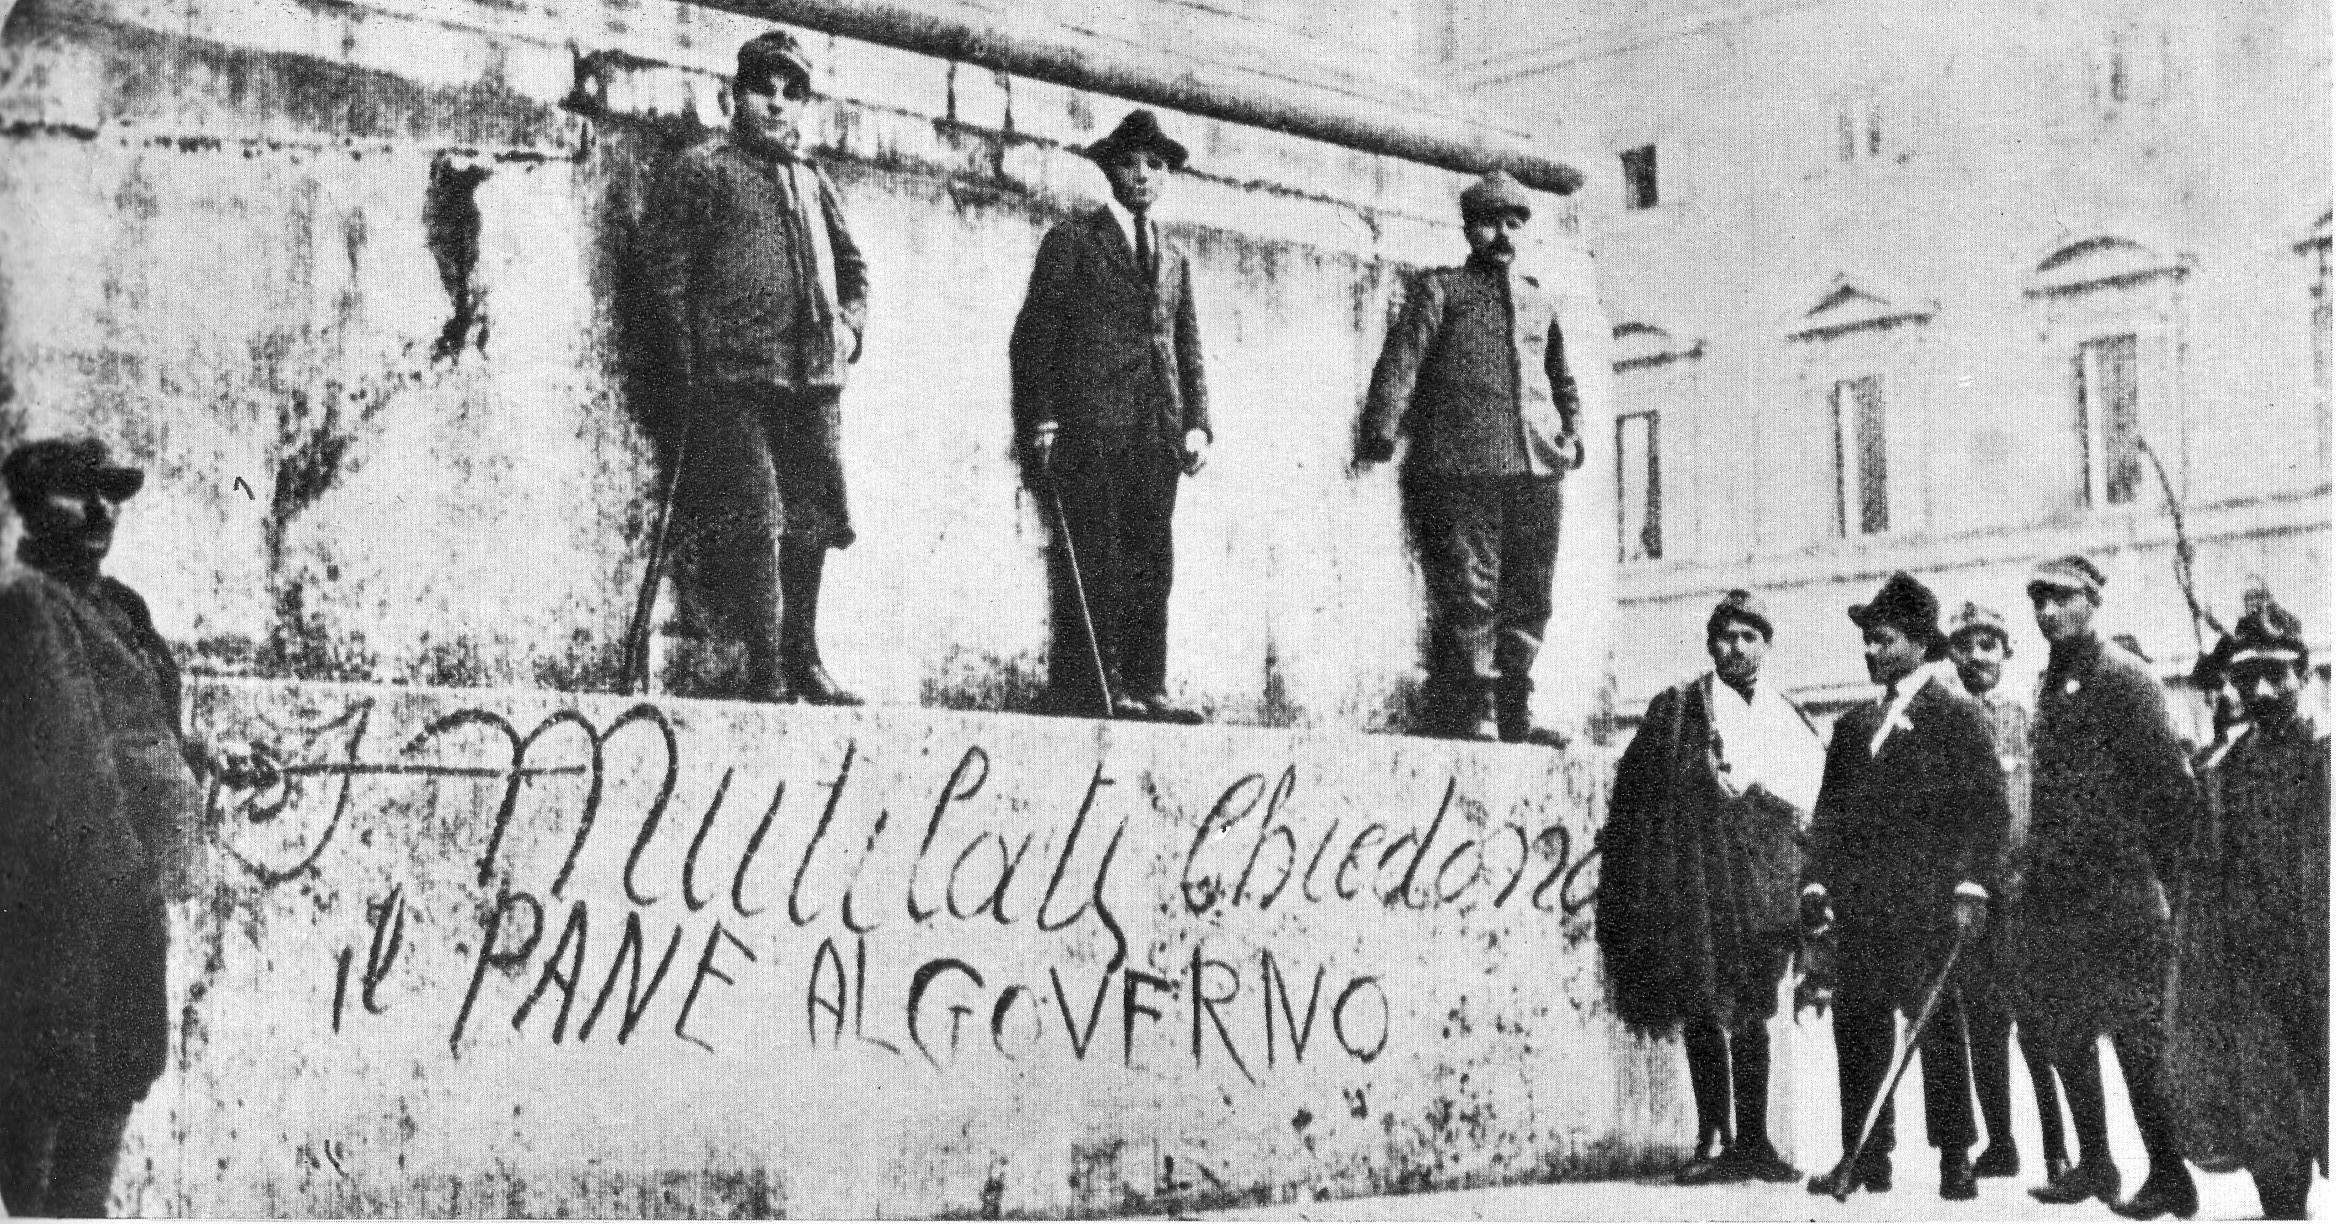 Uit de archieven van de klassenstrijd. 1919-1920: twee rode jaren in Italië